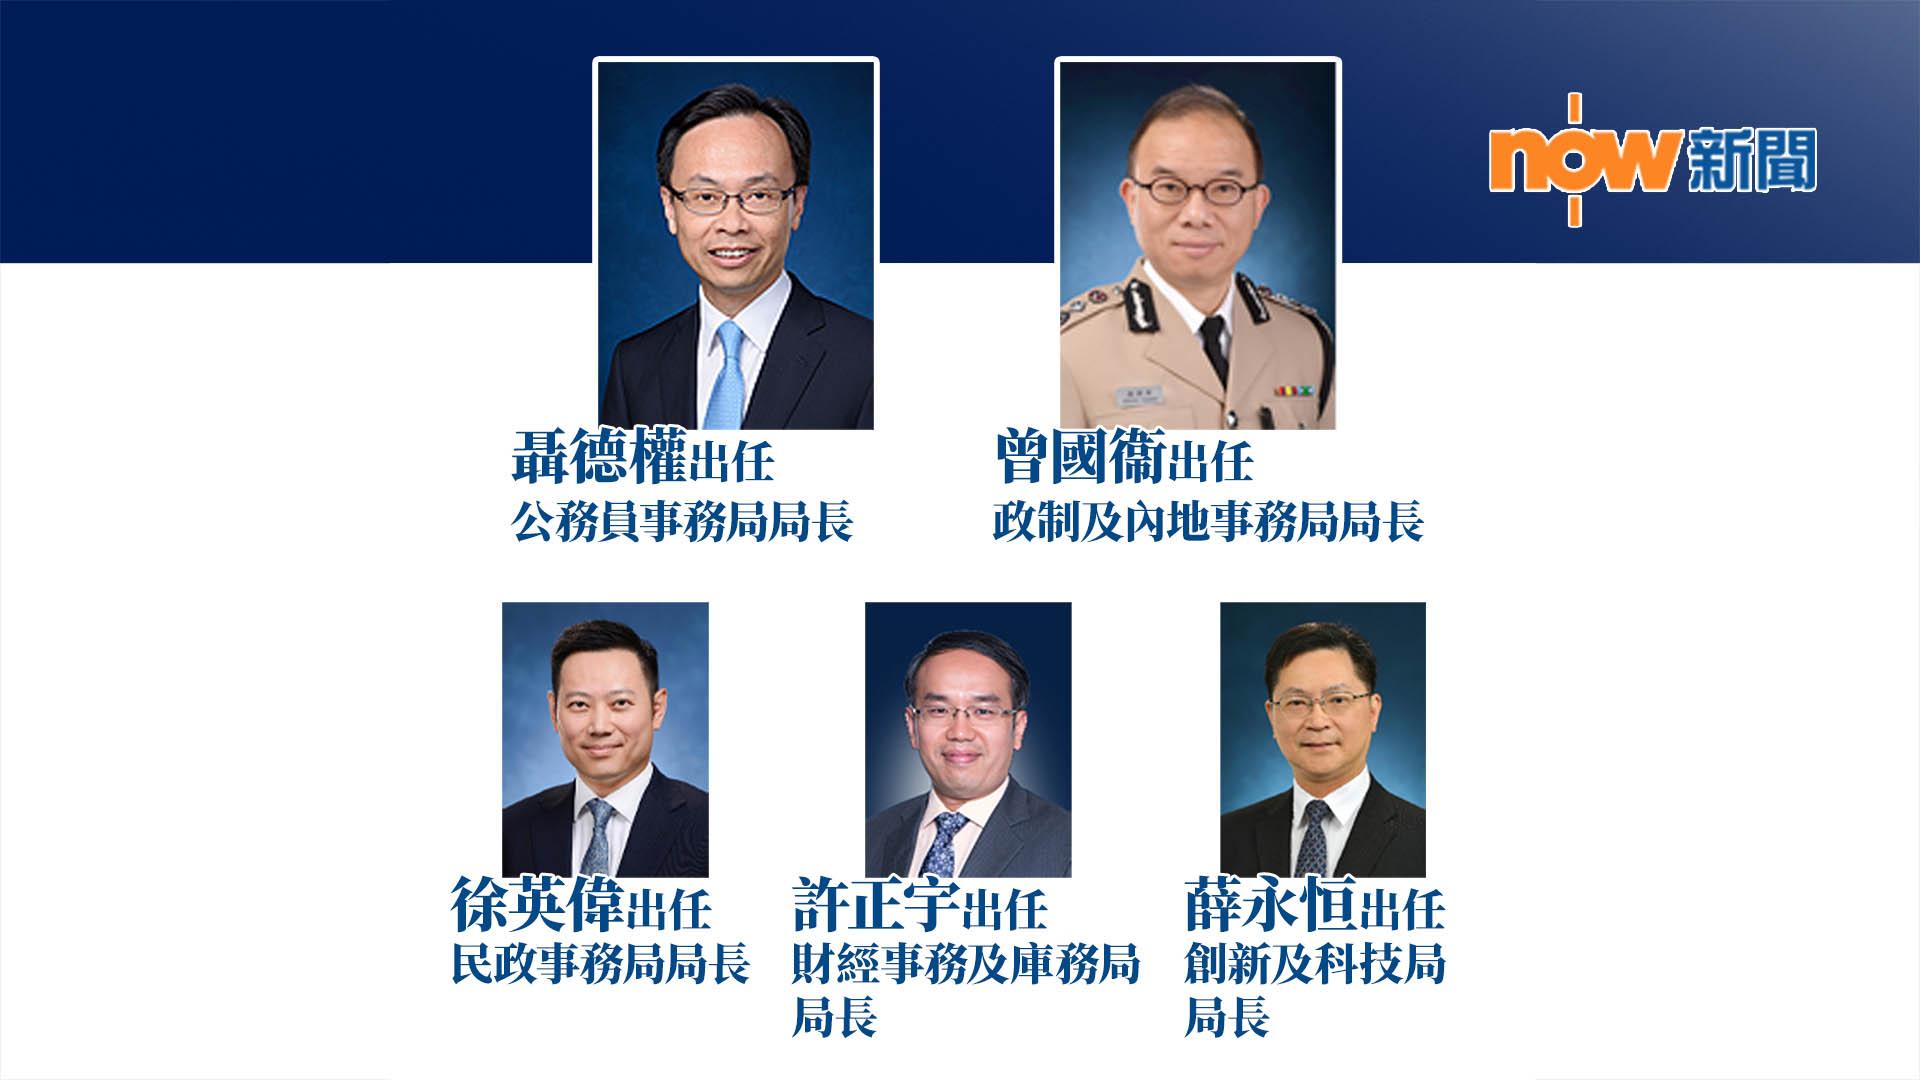 國務院公布免去五名局長職務並作出新任命